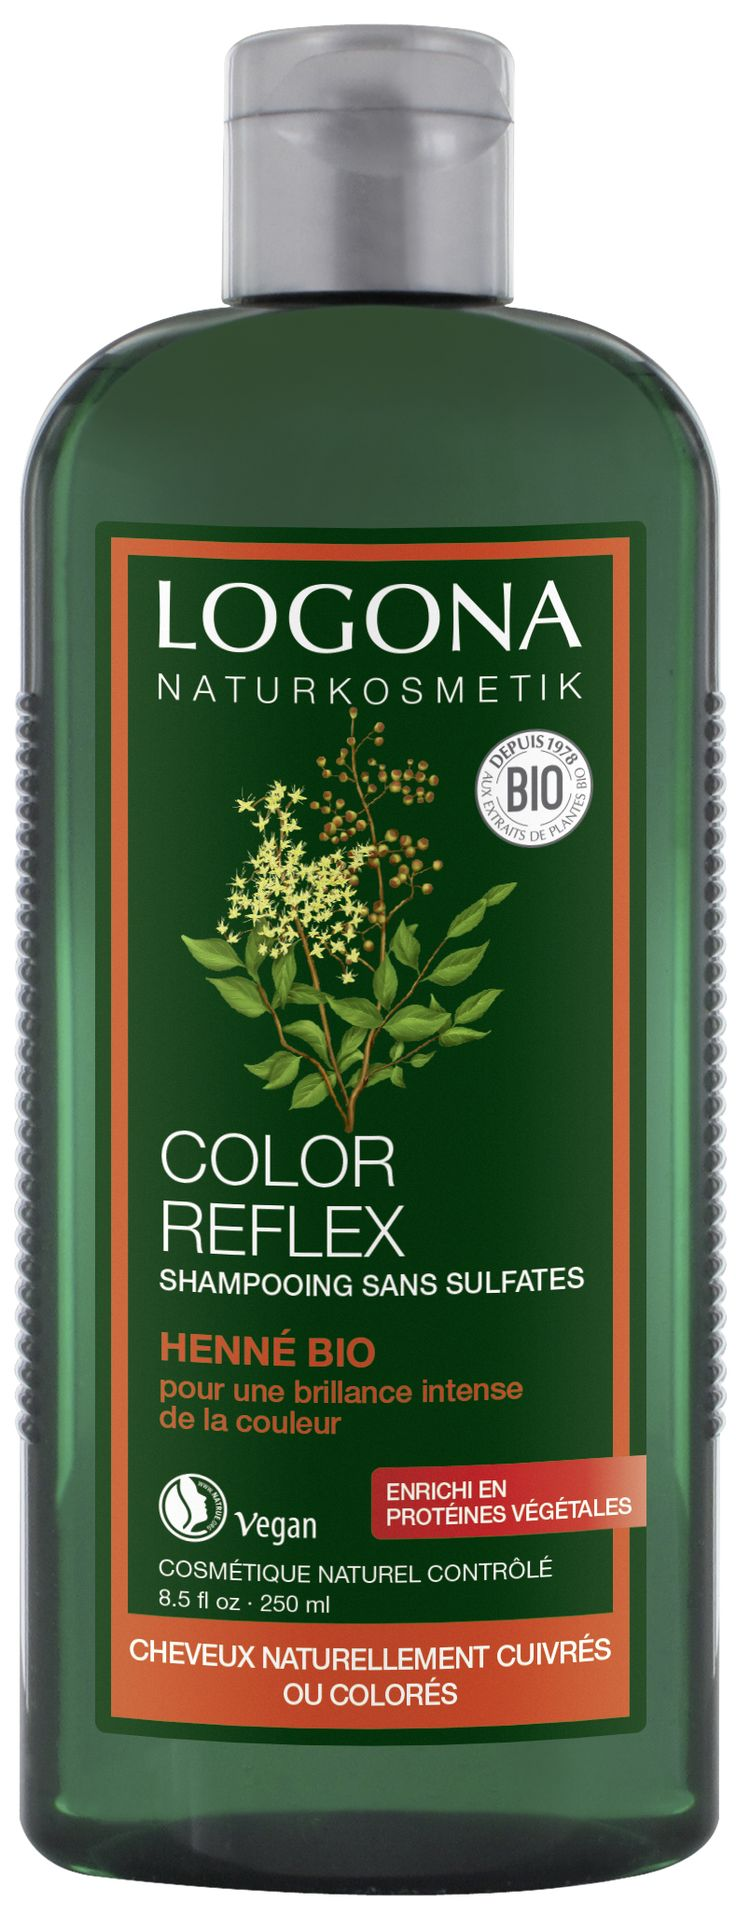 SHAMPOOING COLOR REFLEX HENNÉ BIO, CHEVEUX NATURELLEMENT CUIVRÉS OU COLORÉS, LOGONA - 250ml / 10,50€ Le shampooing Color Reflex Henné LOGONA, est spécialement formulé pour les cheveux naturellement auburn, roux ou colorés. Enrichi en henné bio, ce soin apporte brillance, multiplie les reflets, ravive l'éclat naturel des cheveux cuivrés ou colorés et prolonge également les colorations végétales tout en les protégeant. Délicatement nettoyés, les cheveux sont doux, souples et faciles à coiffer.